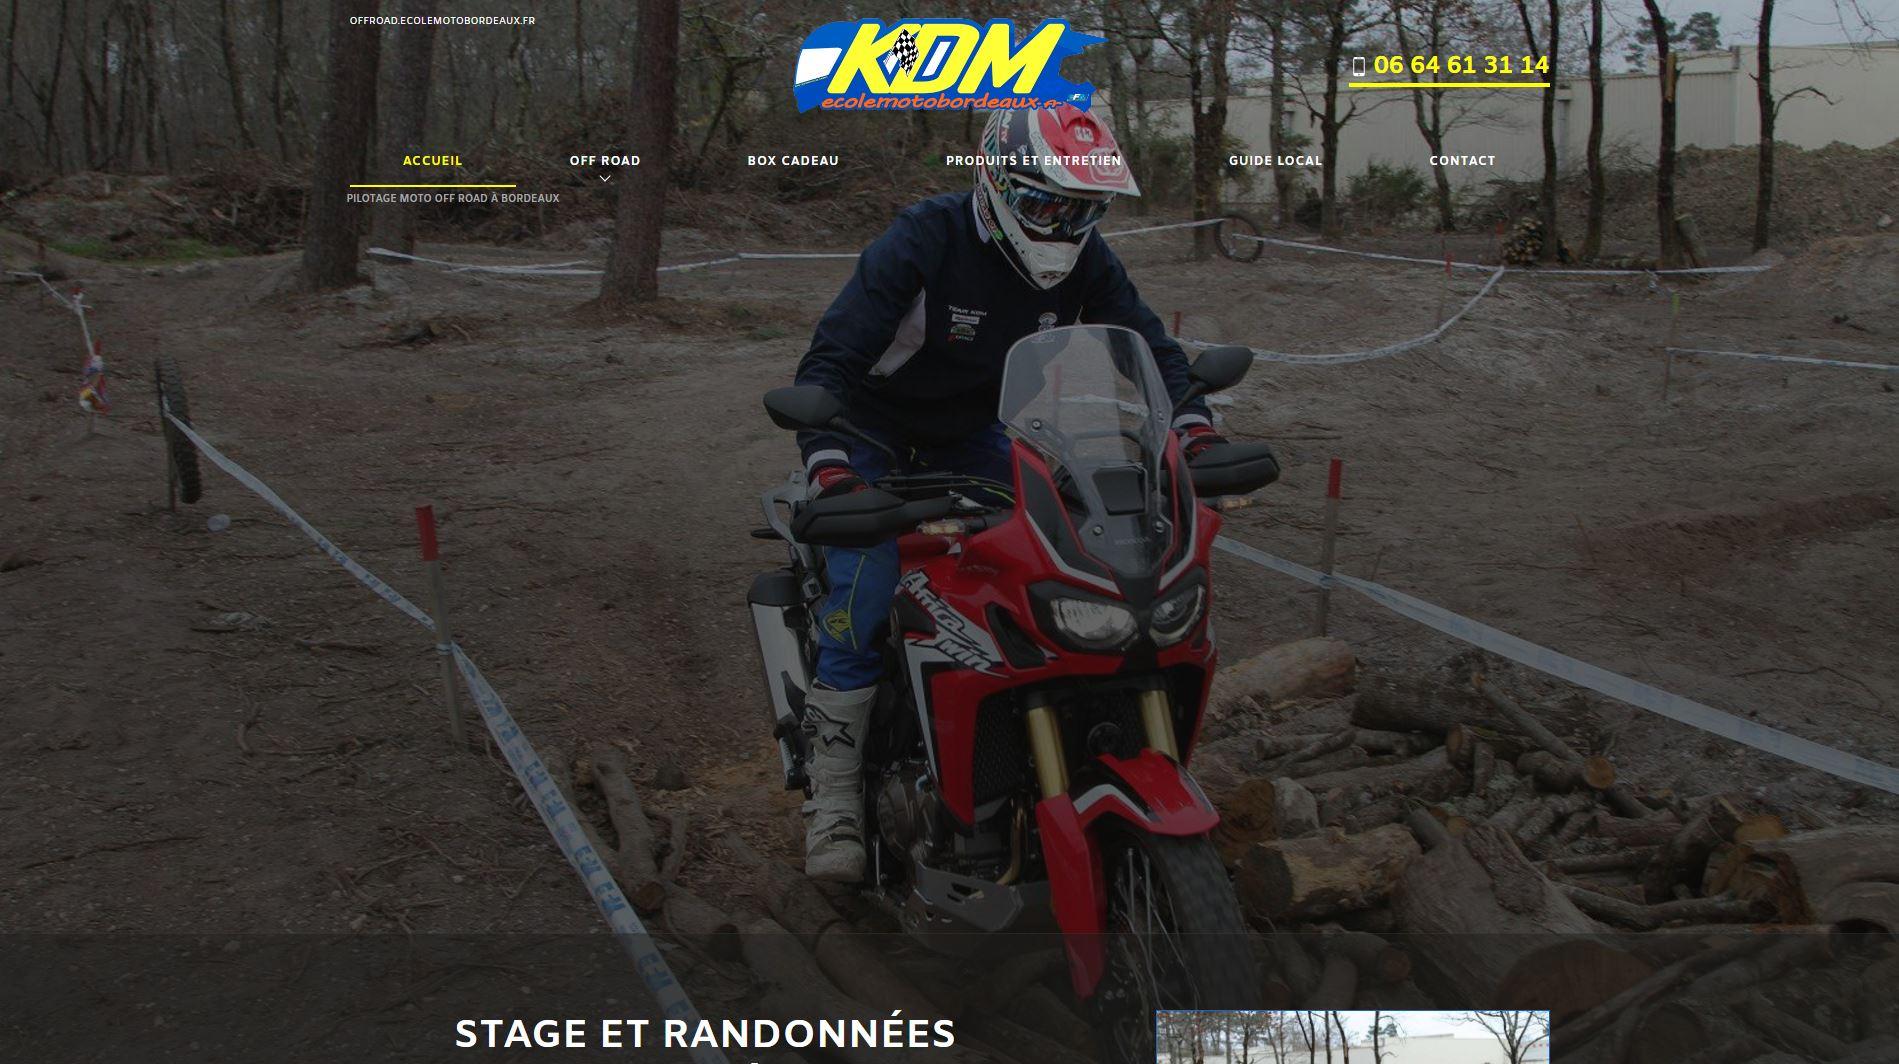 Randonnée moto off road Gironde